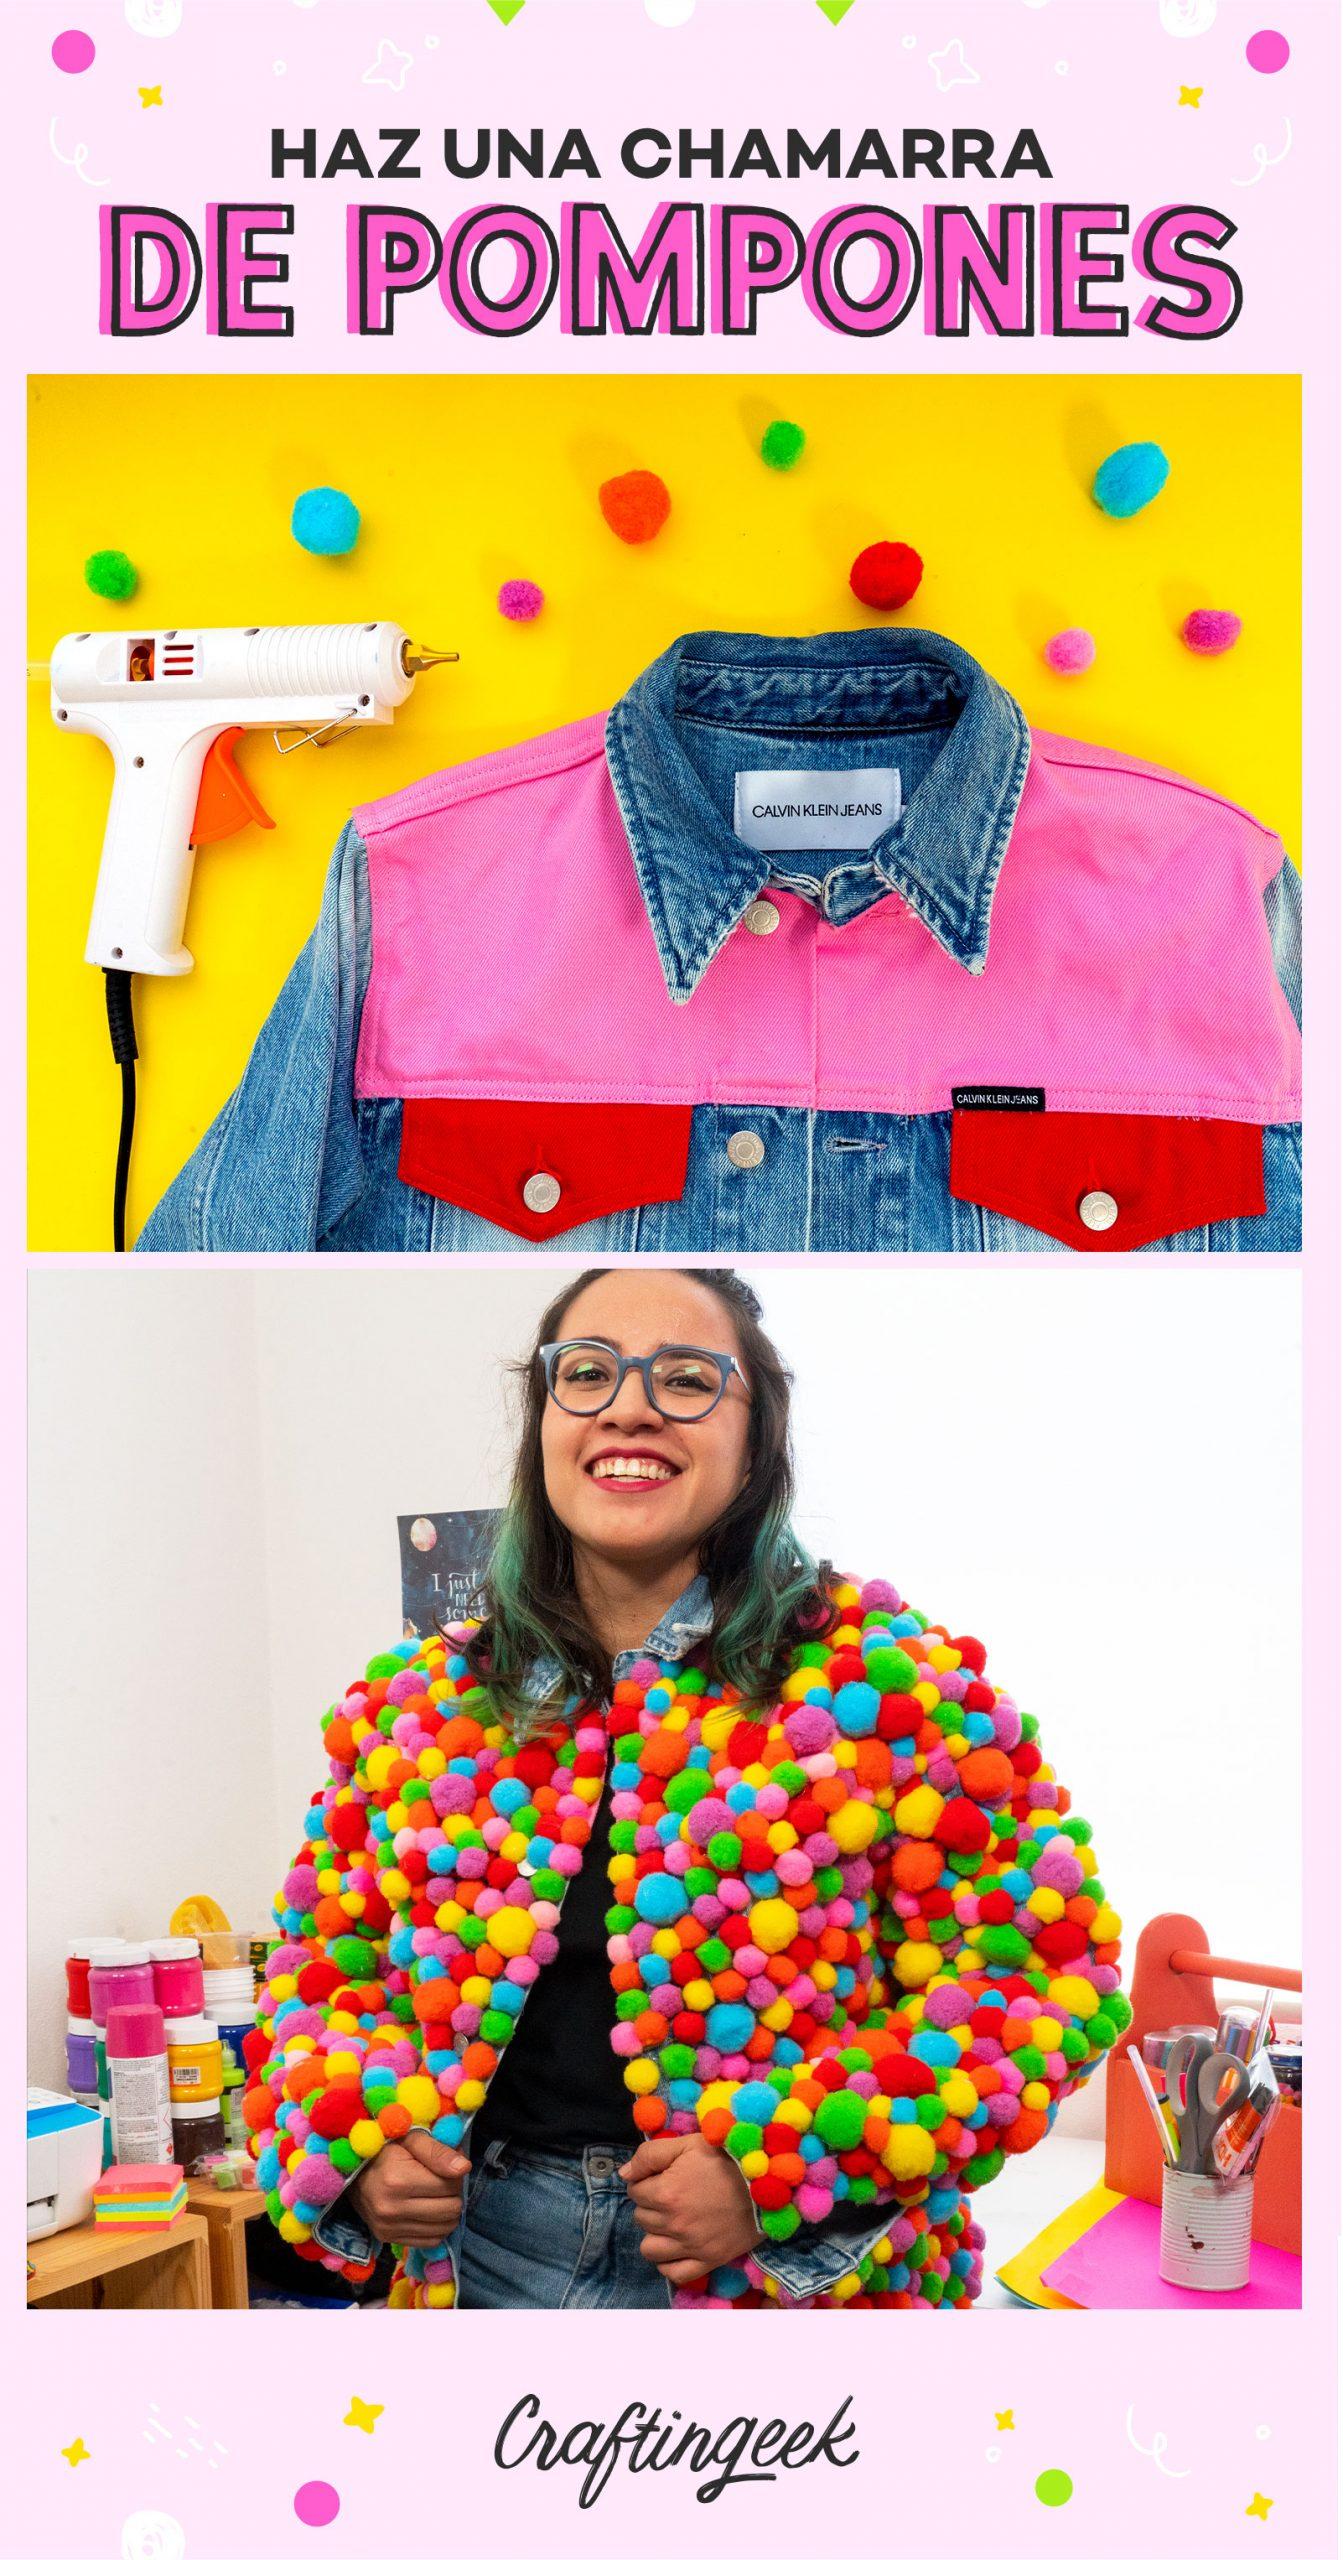 Transformación de ropa con pompones de colores. Te enseño cómo decorar ropa con pompones coloridos.